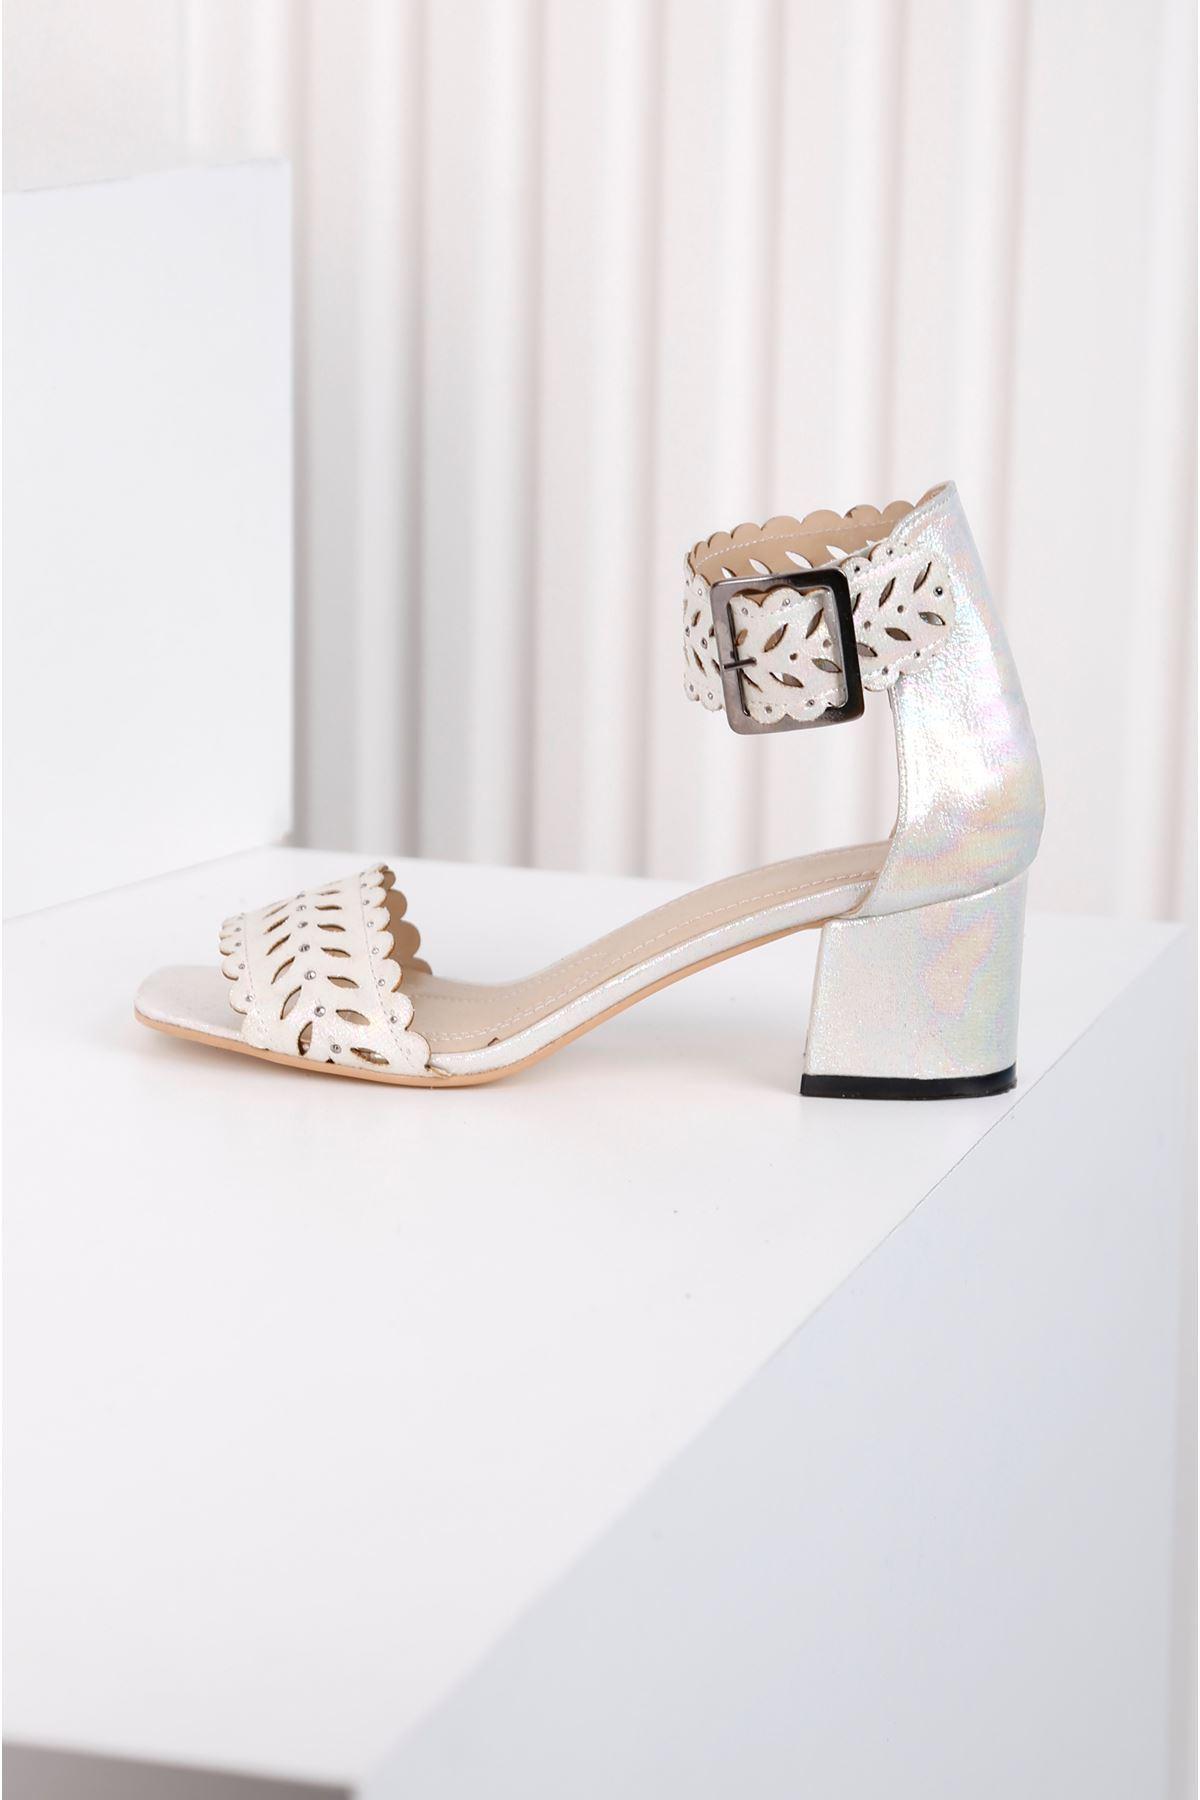 Ribbon Beyaz Taş Kaplama Lazer Kesim Ayakkabı